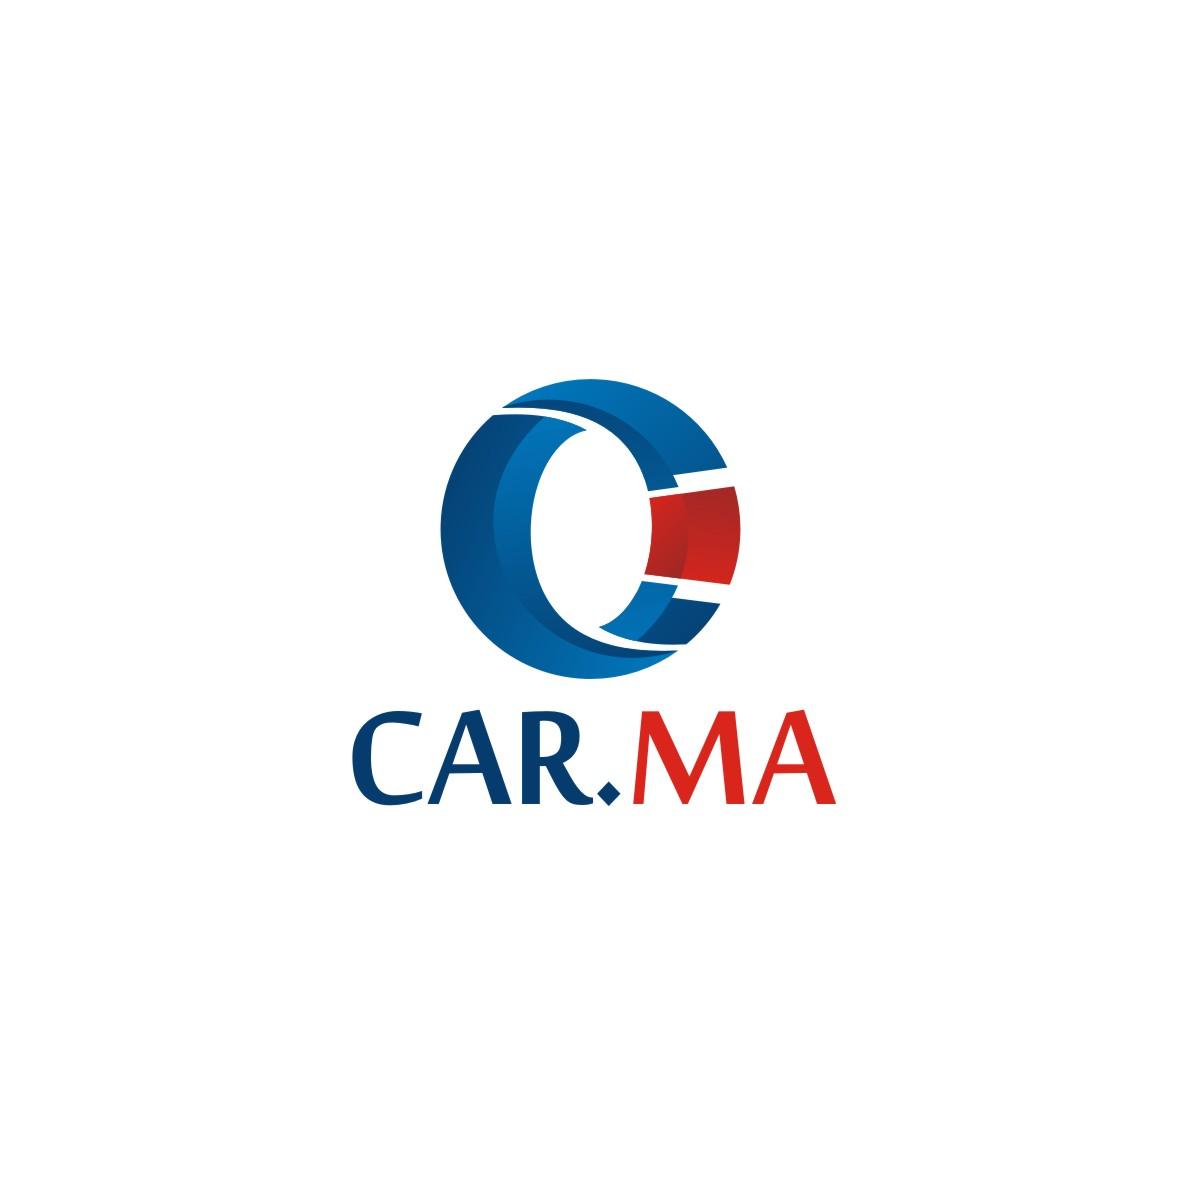 Logo Design by arteo_design - Entry No. 169 in the Logo Design Contest New Logo Design for car.ma.